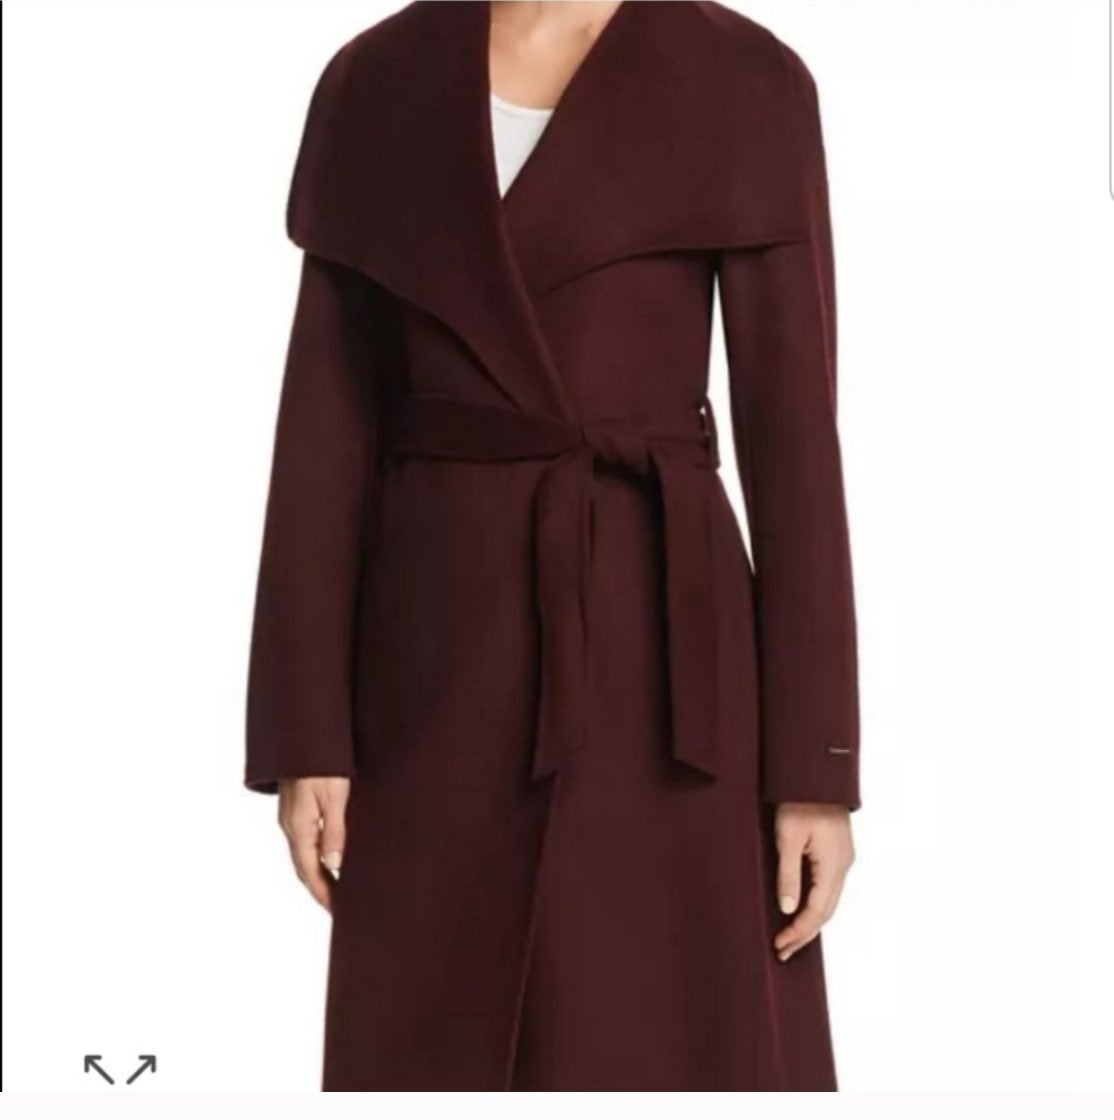 Tahari wool coat